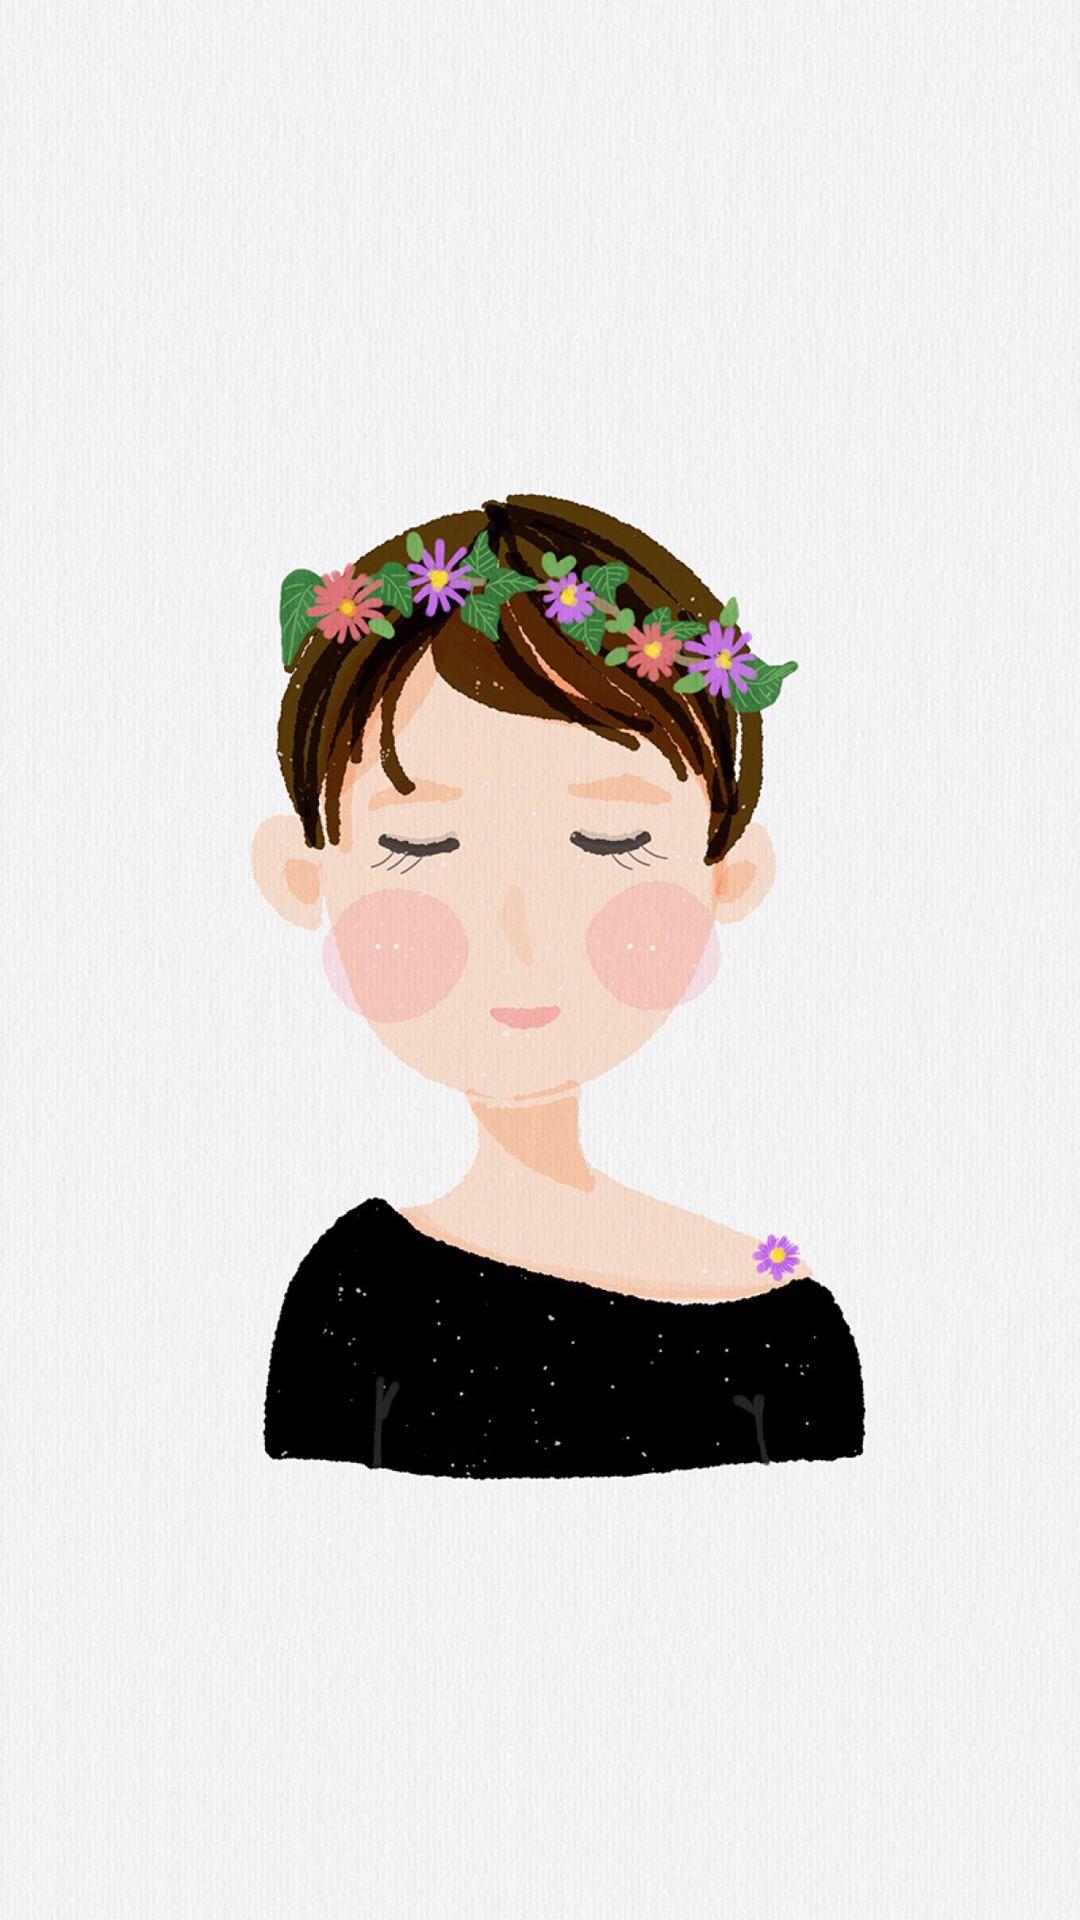 短发女孩 手绘 插画 花环